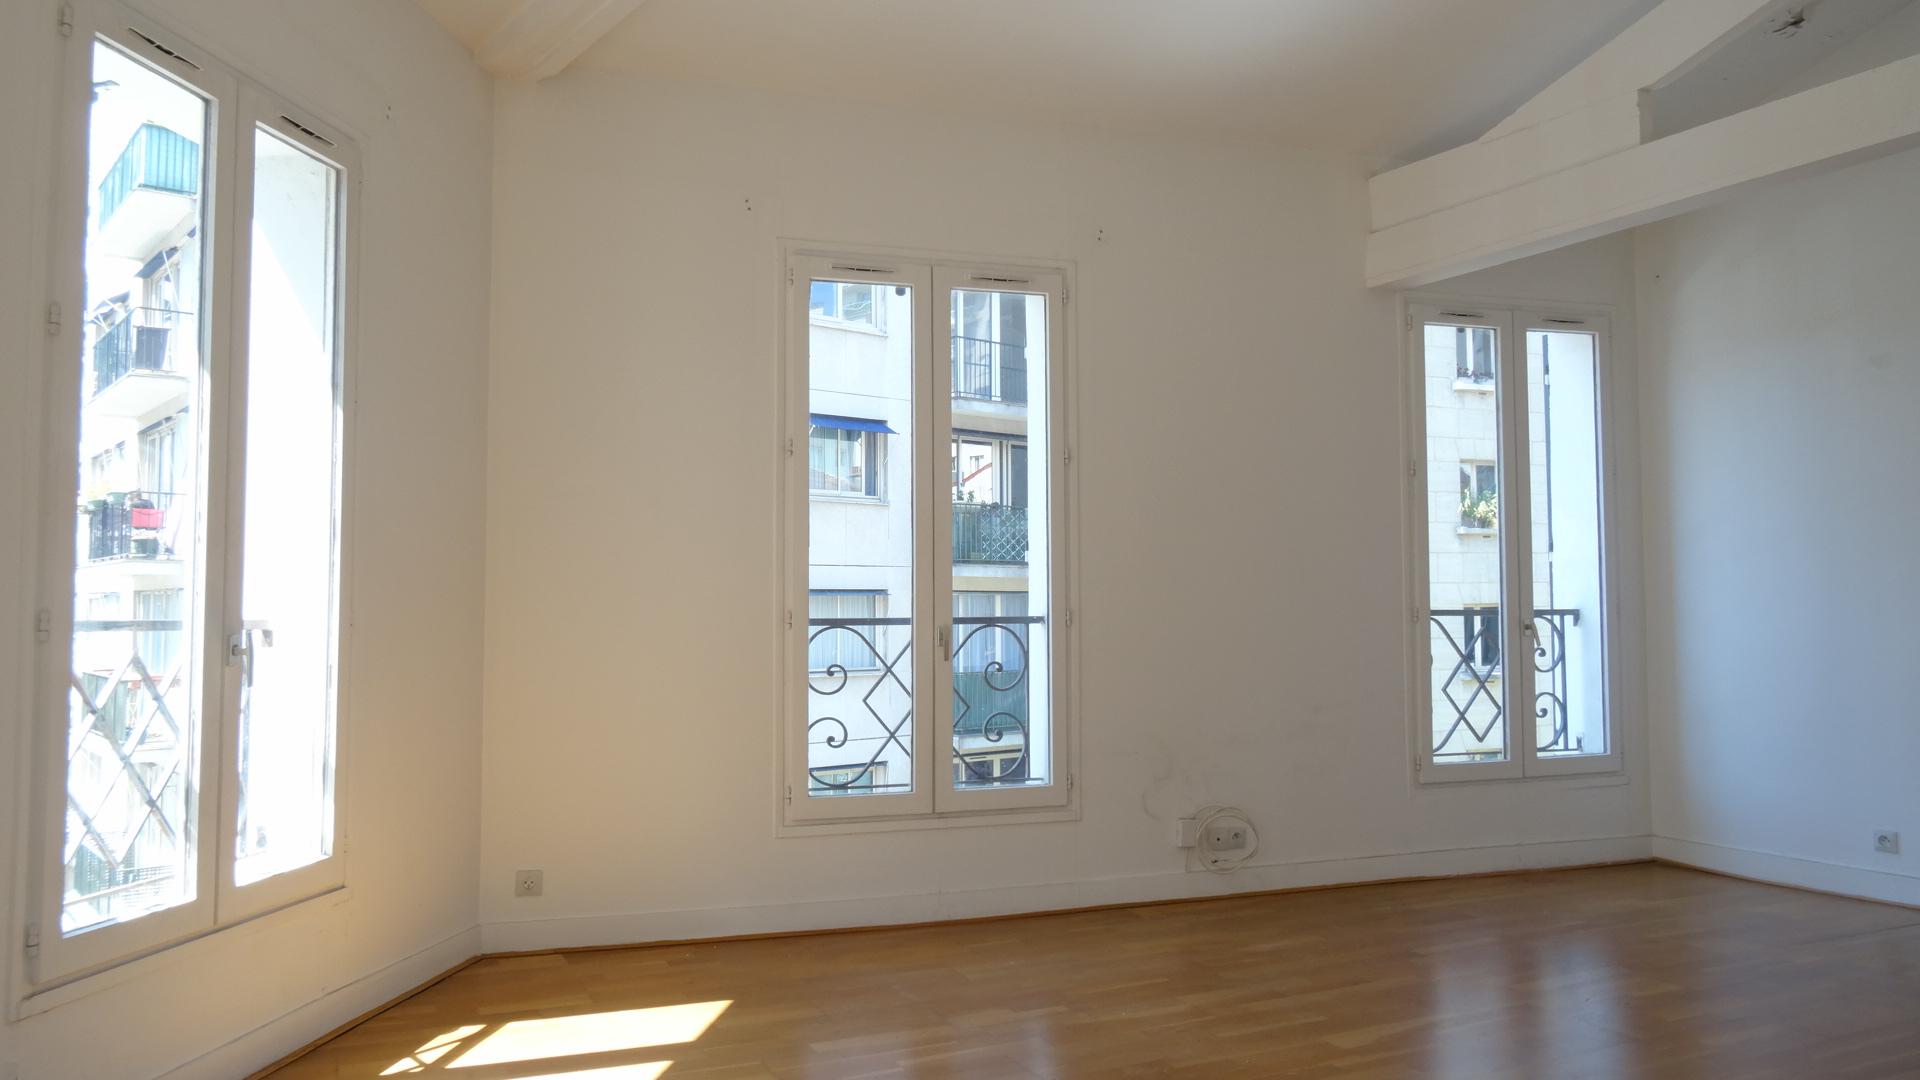 la-clef-des-villes-chasseur-immobilier-boulogne-billancourt-location-vente-appartement-photo-sejourJPG